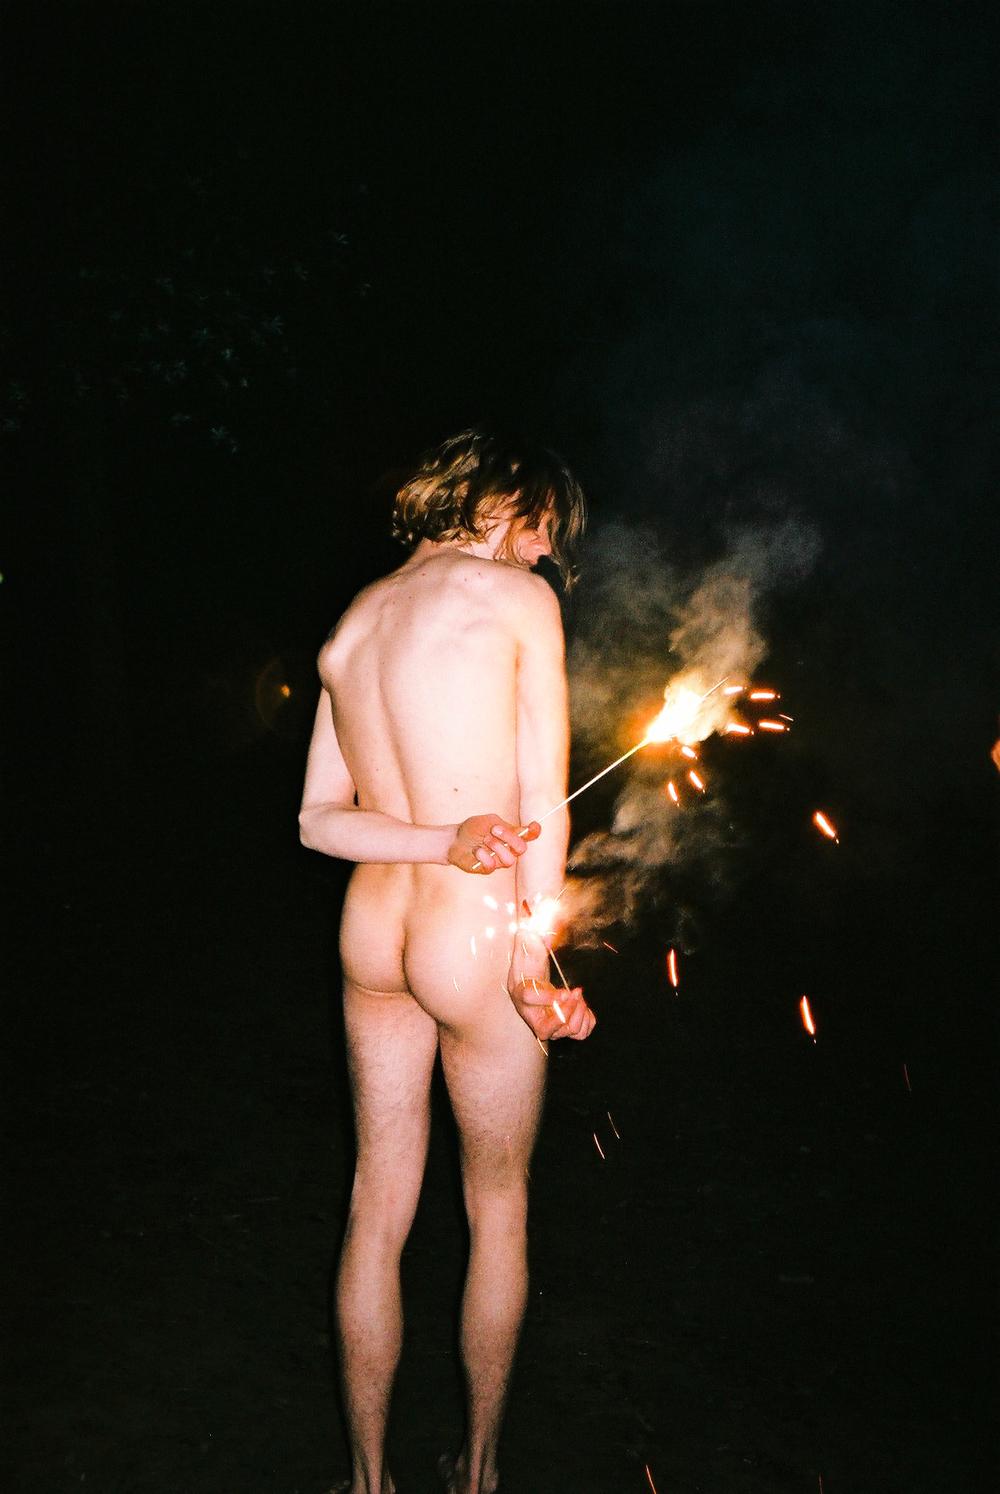 20150330-julian(remmy)-5.jpg